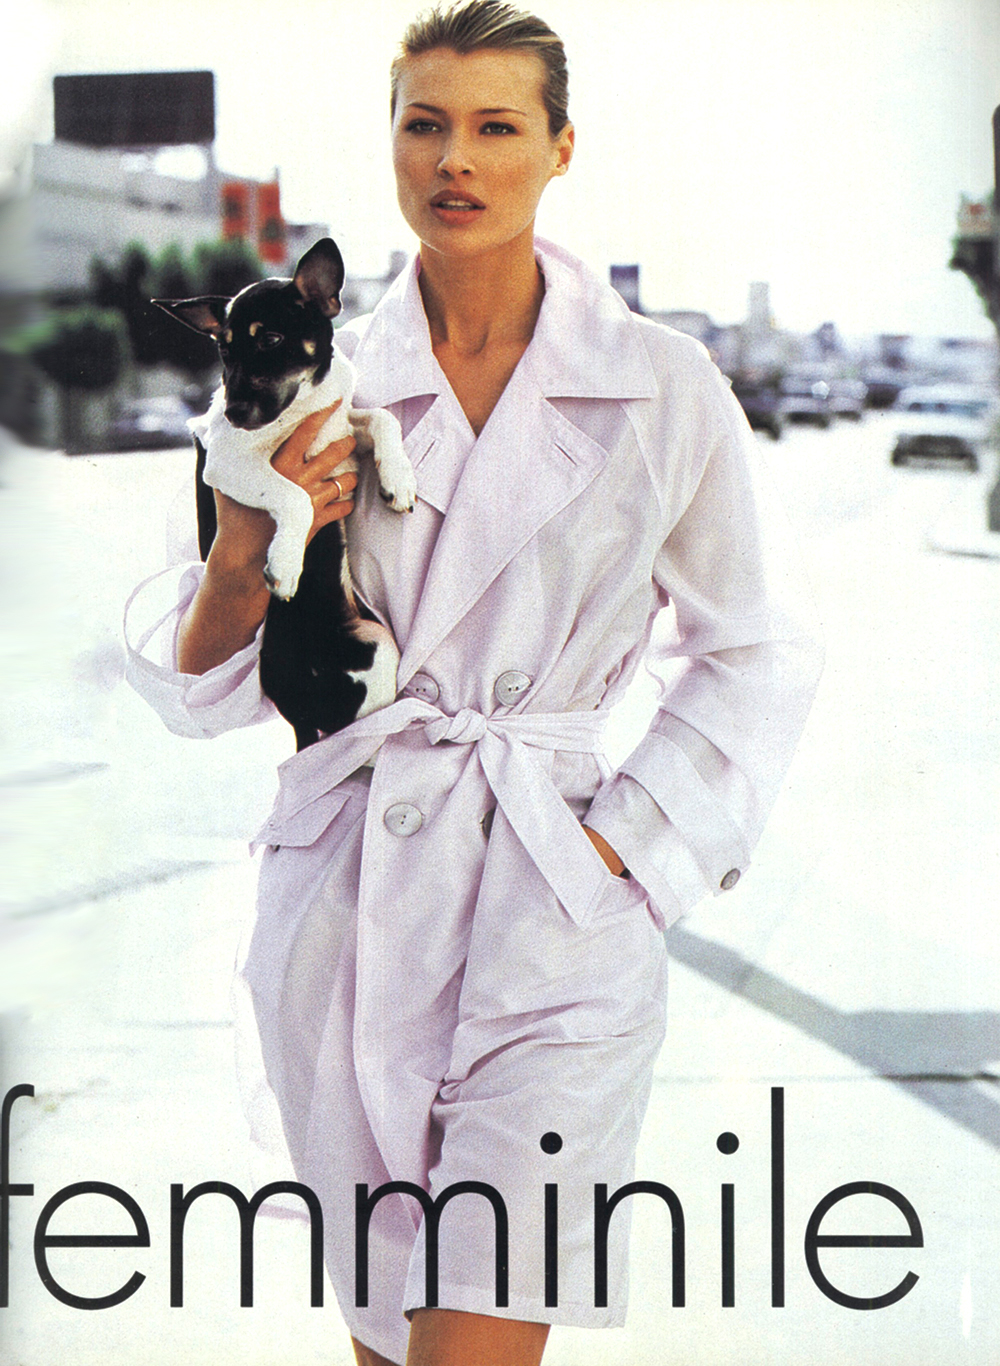 Vogue Italia March 1995 via fashionedbylove.co.uk